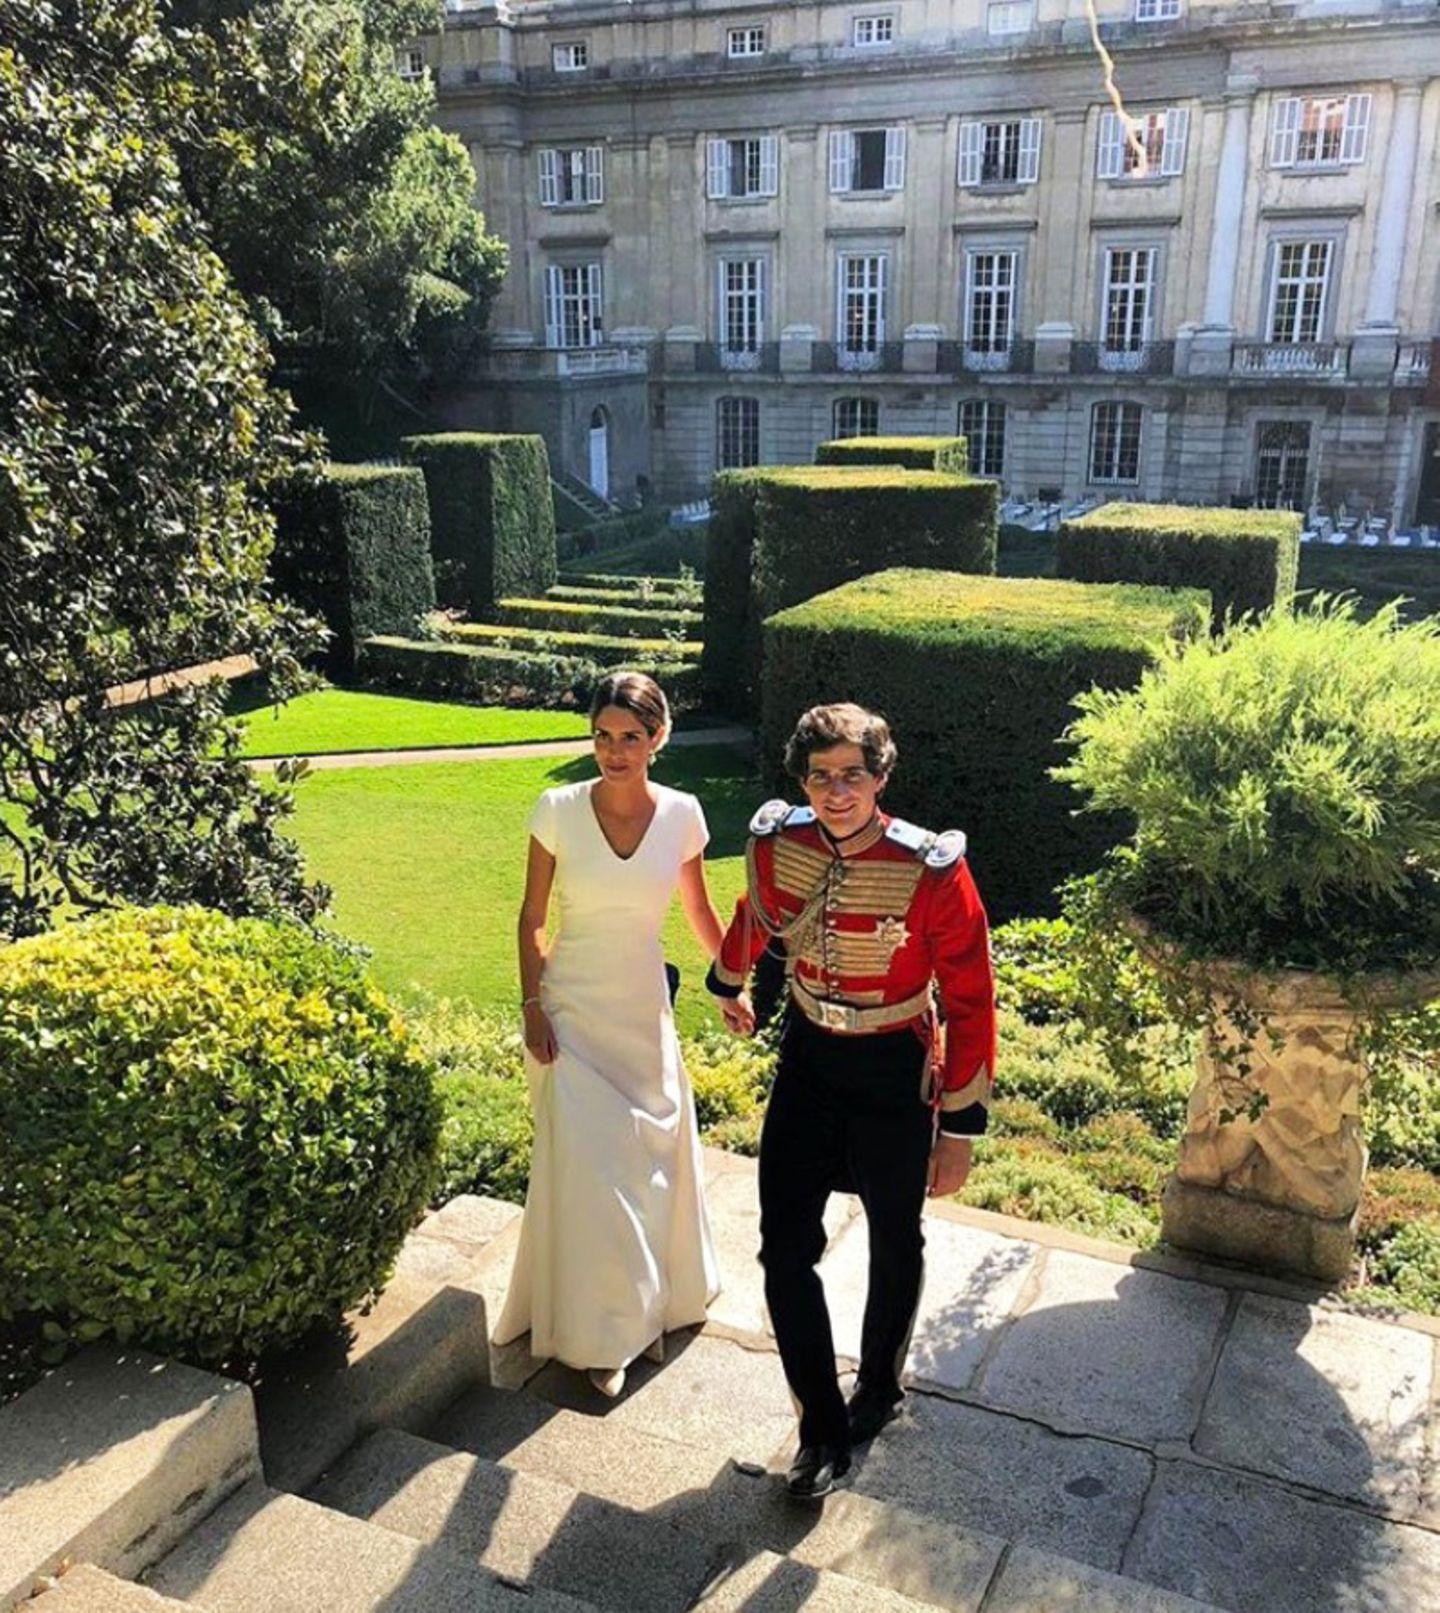 Zur späteren Feierei wird auch der lange Schleier vom Kleid entfernt, damit die schöne Brautbesser tanzen kann. Das zeigt dieses Foto und ein Video vom Hochzeitstanzauf Instagram.